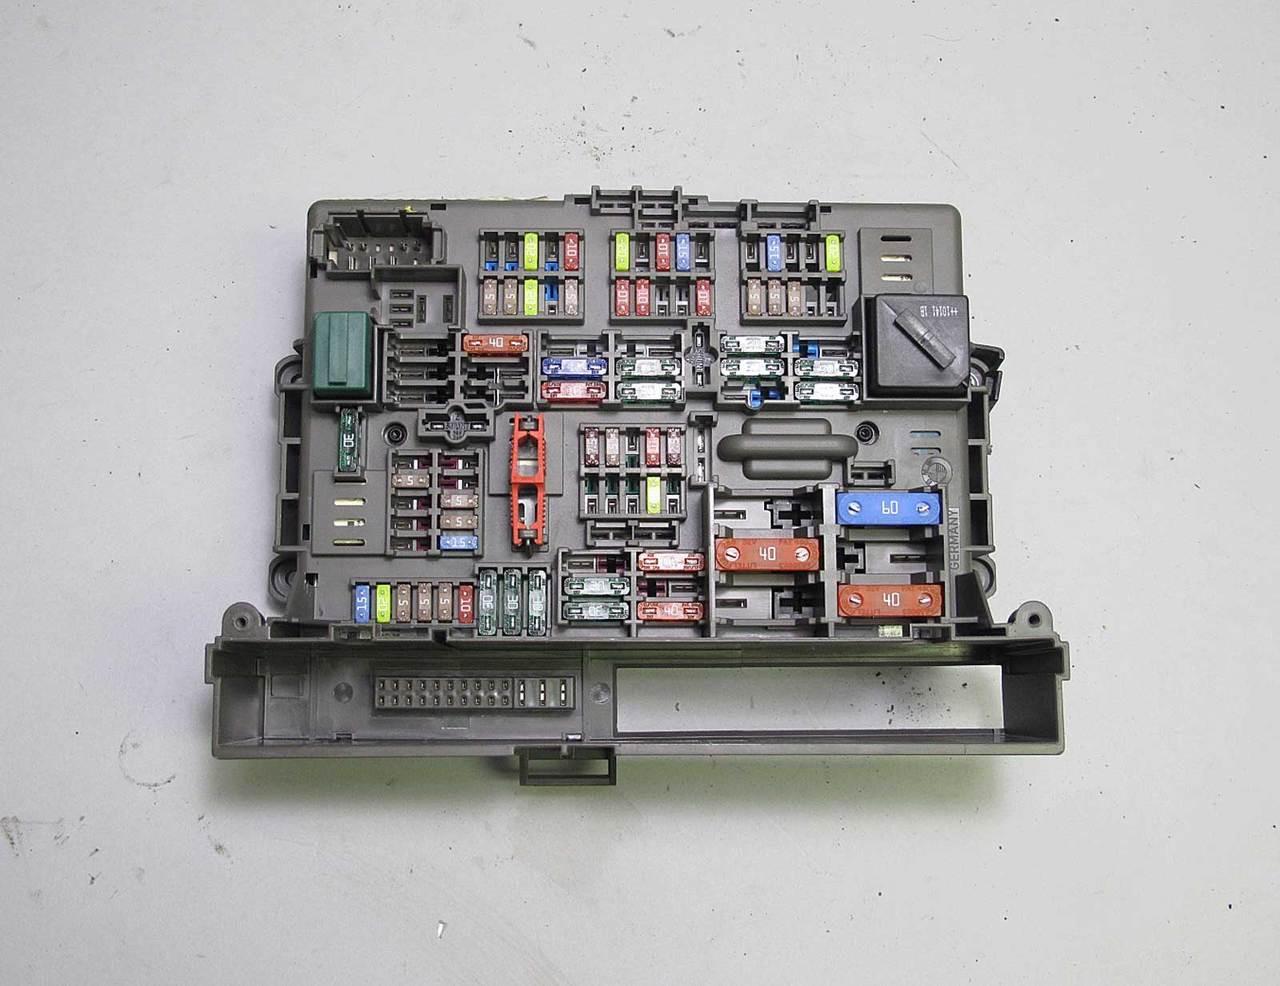 2008 328xi Fuse Box Wiring Diagrams Bmw E90 E92 3 Series E82 Front Interior Glove 2013 328i